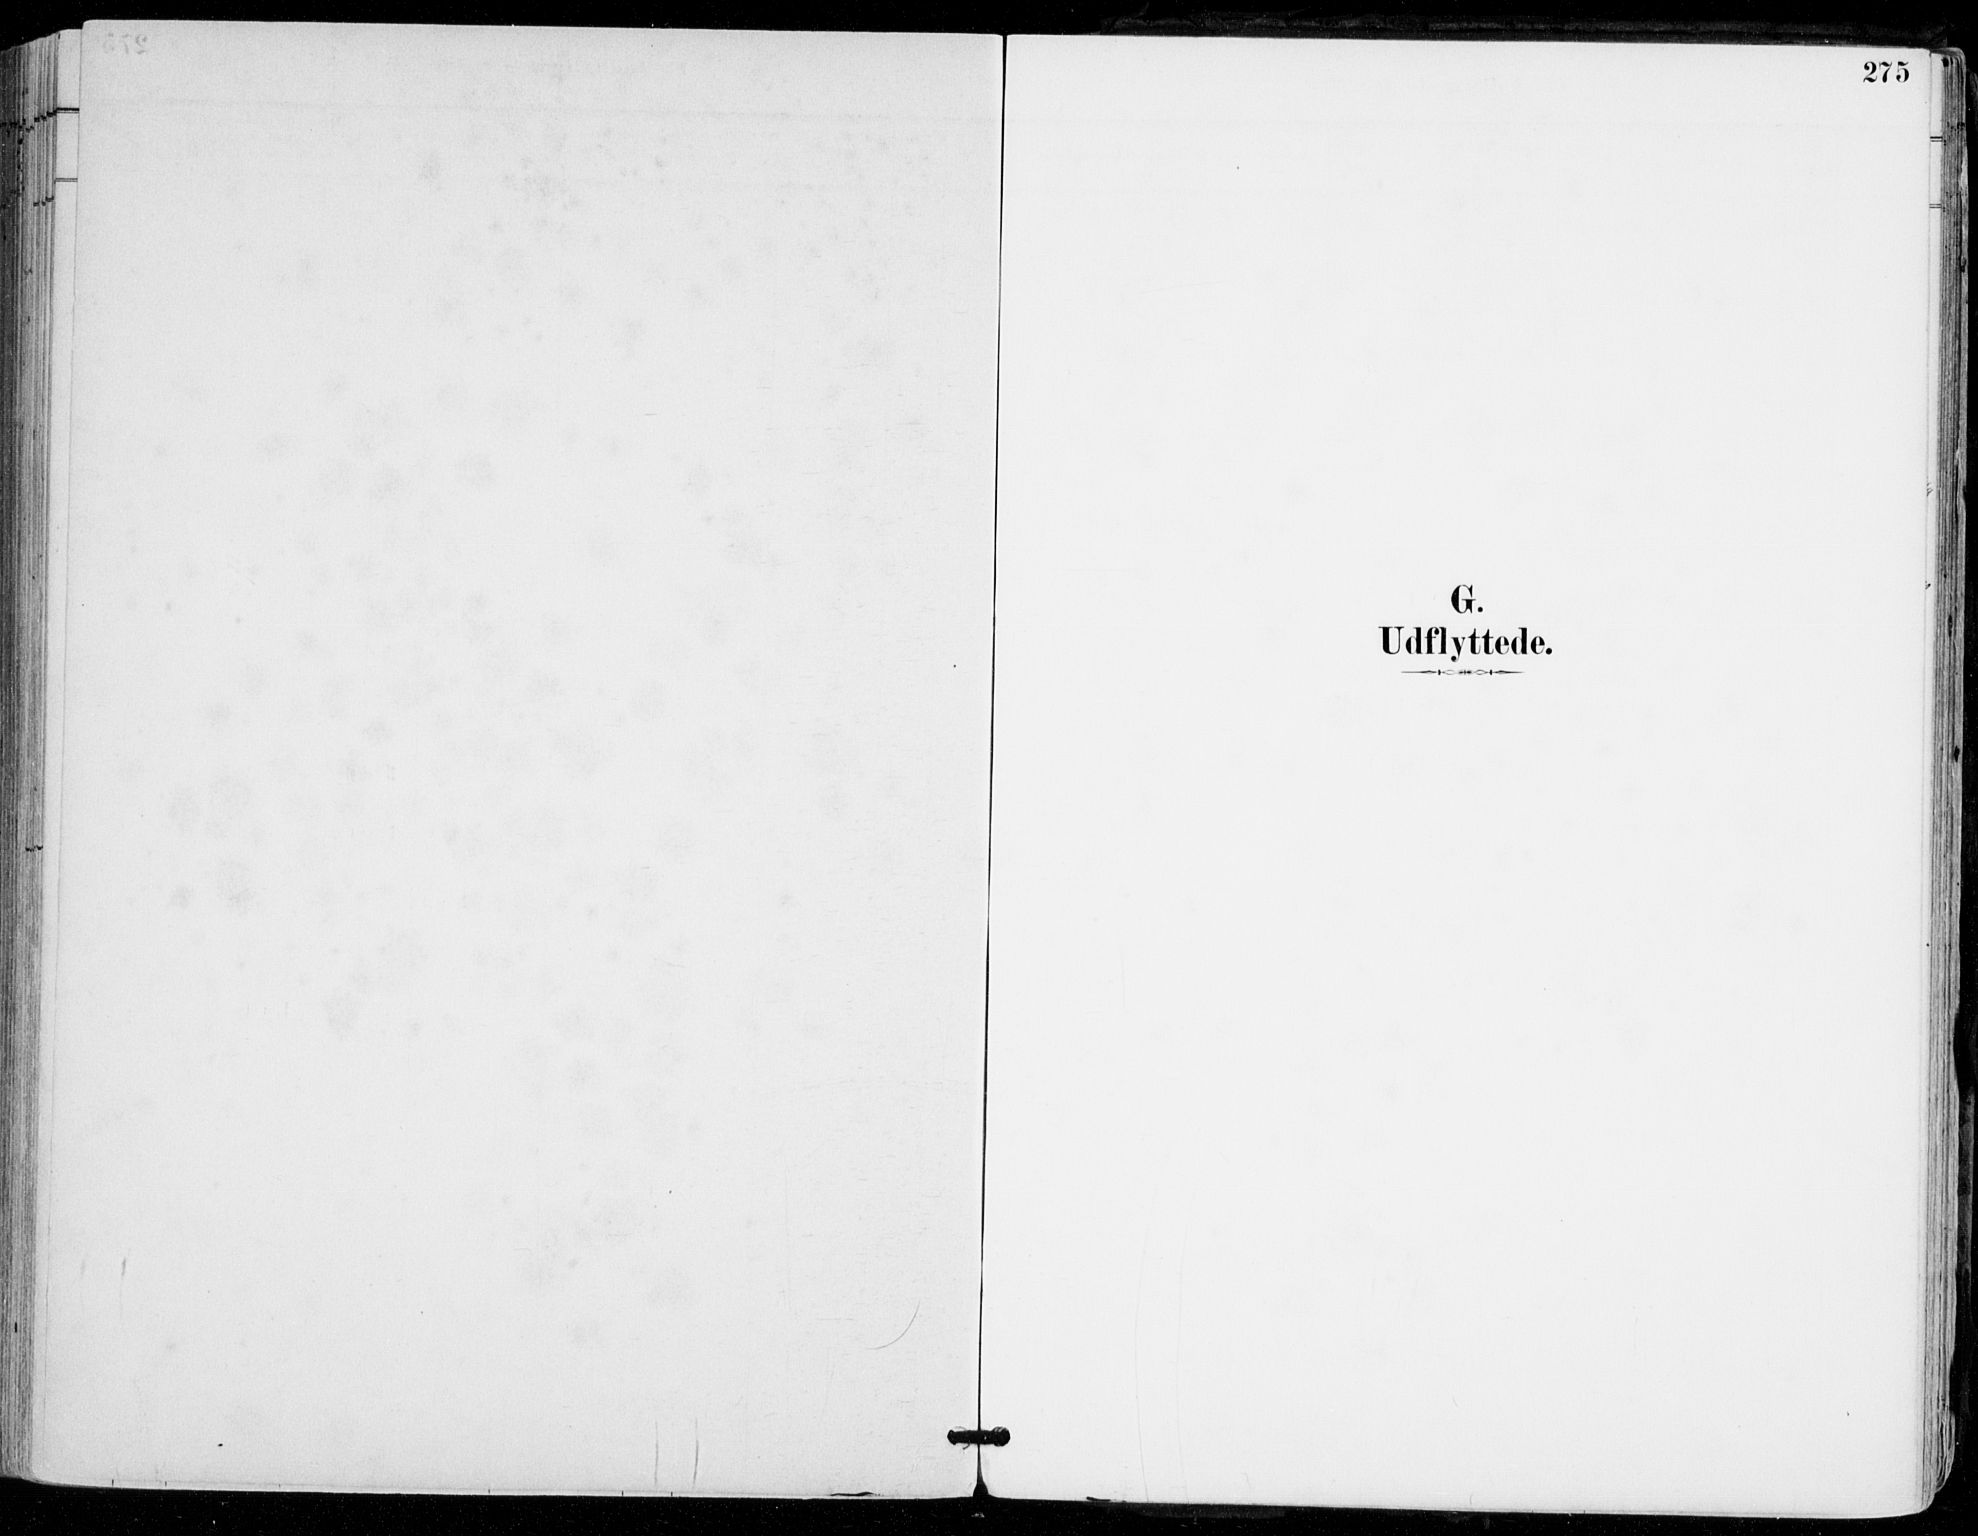 SAKO, Sylling kirkebøker, F/Fa/L0001: Ministerialbok nr. 1, 1883-1910, s. 275